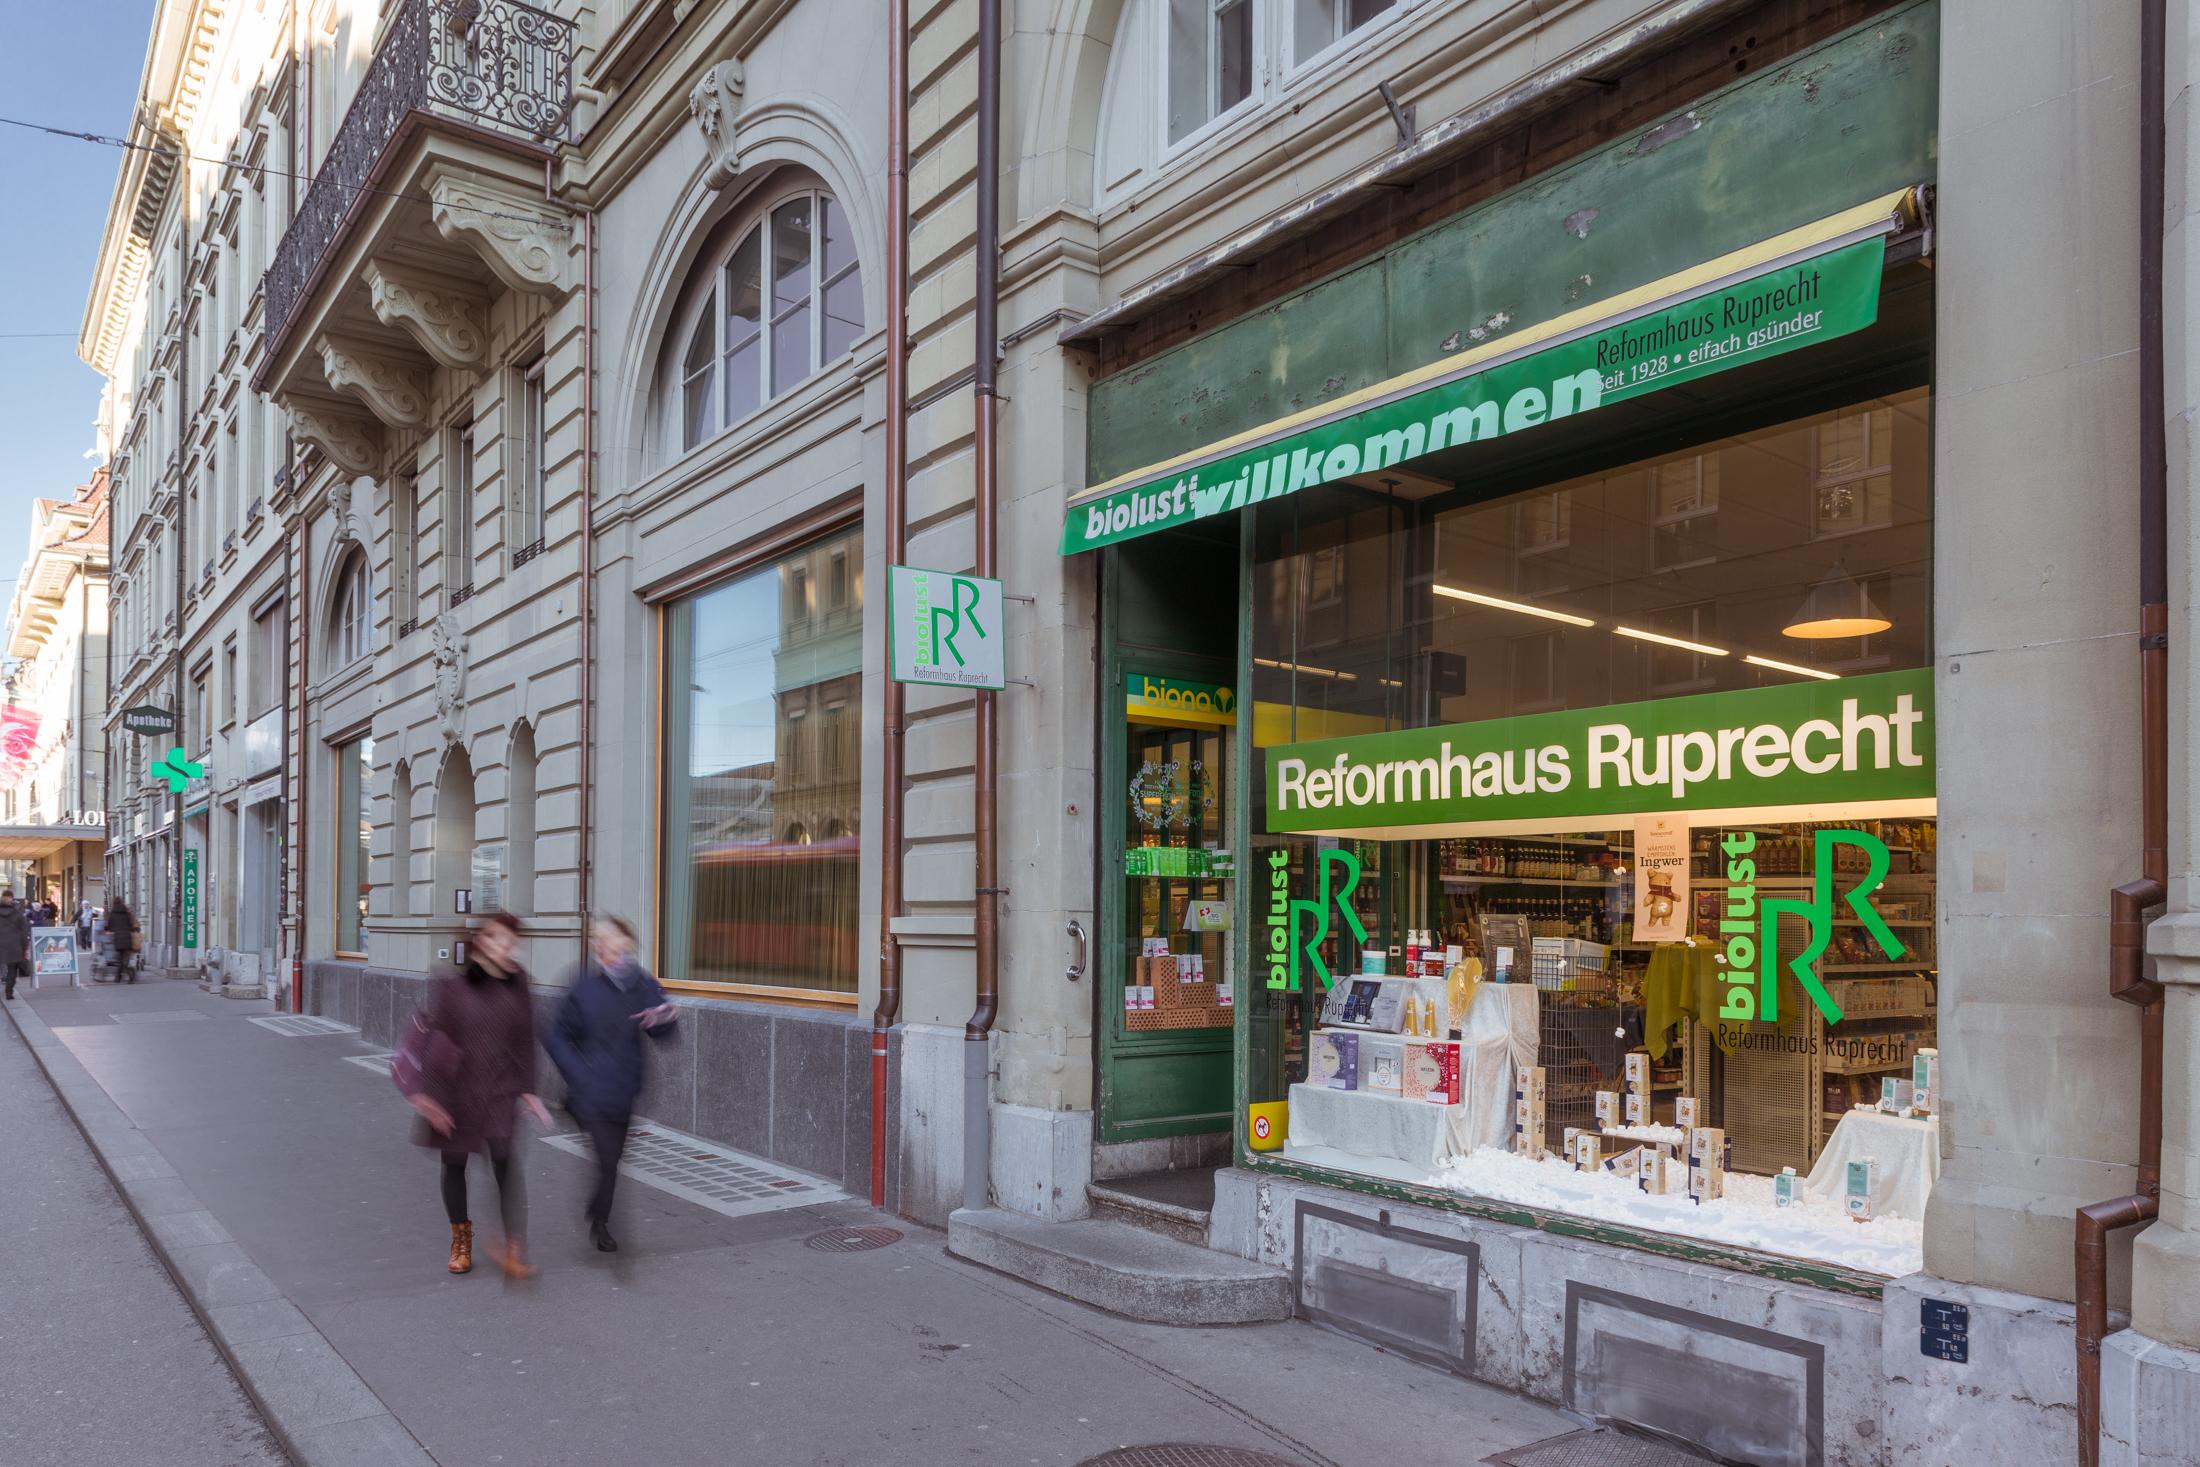 Reformhaus Ruprecht